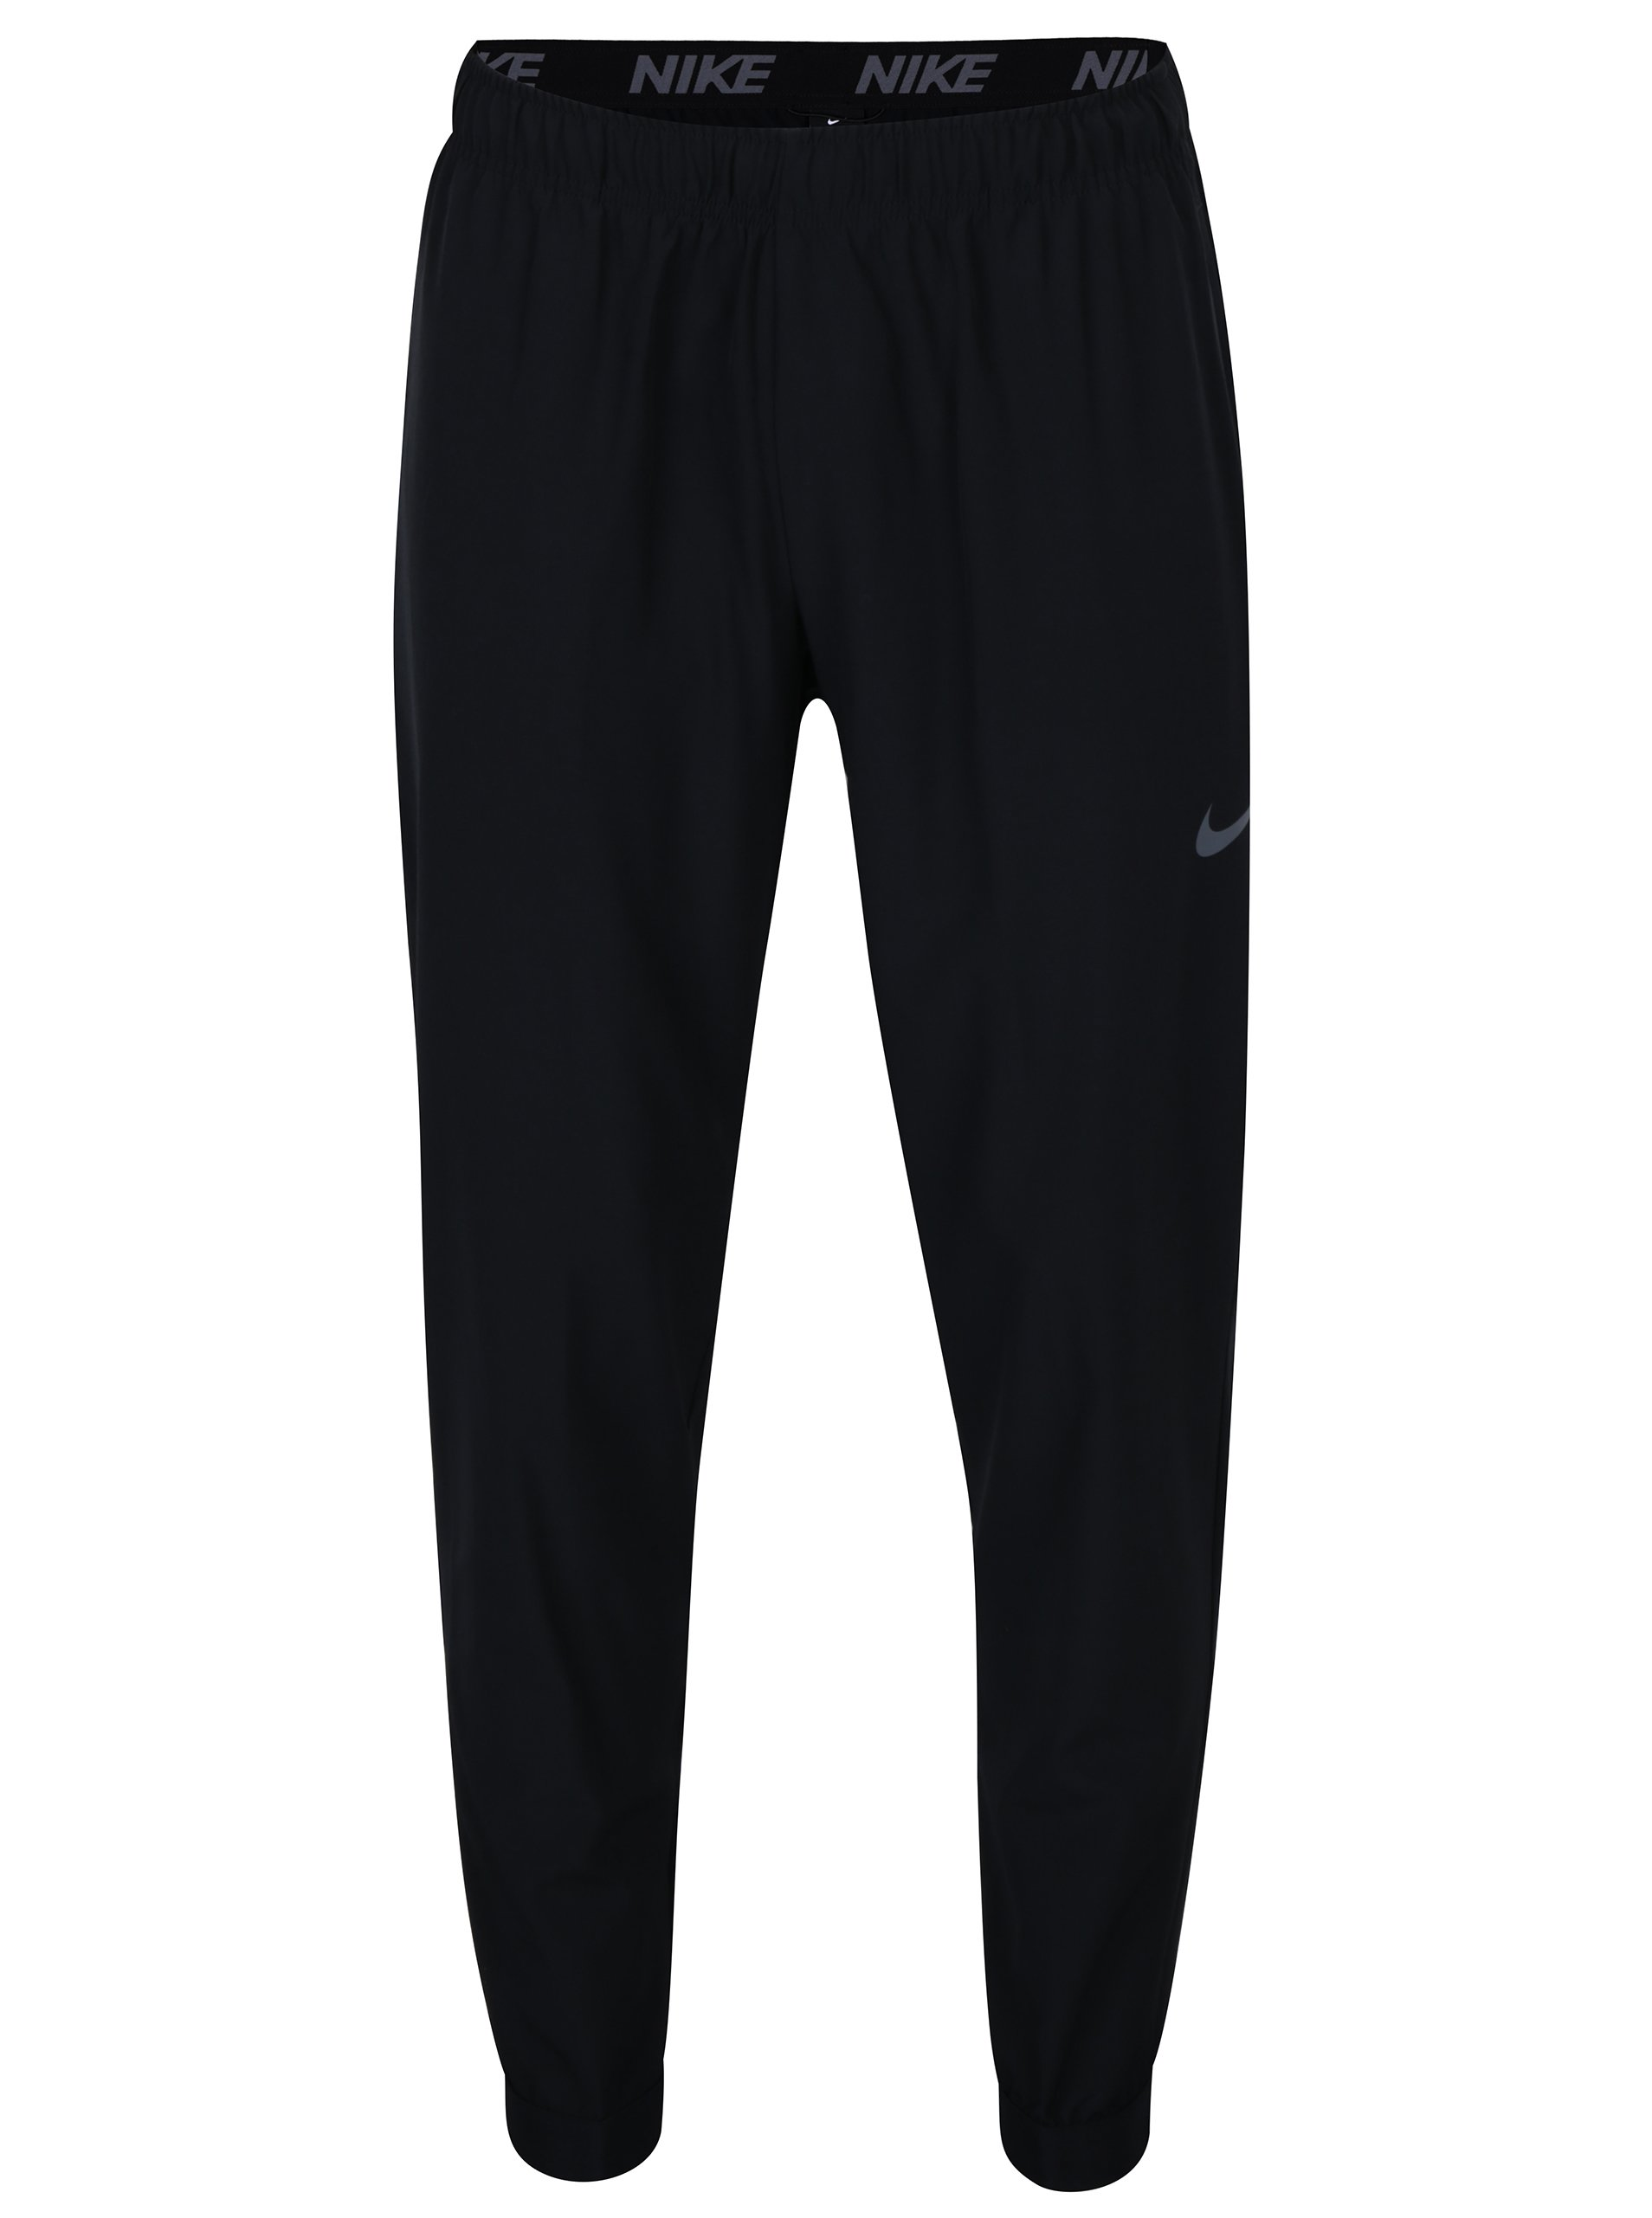 b72e1a281 Čierne pánske tepláky Nike | Moda.sk